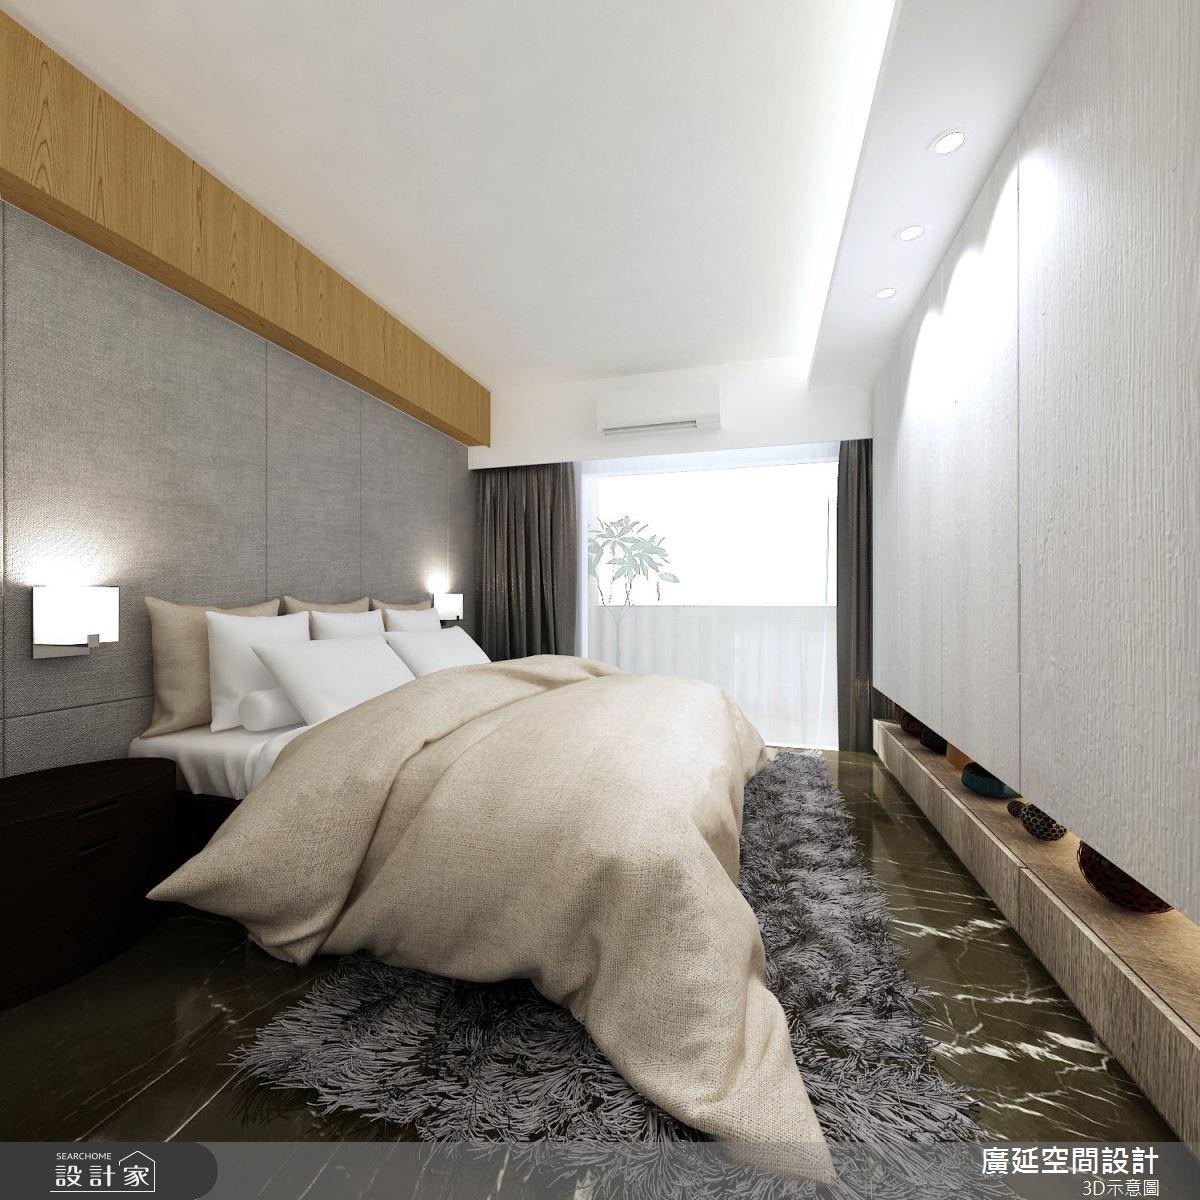 45坪新成屋(5年以下)_新古典案例圖片_廣延空間設計_廣延_08之4